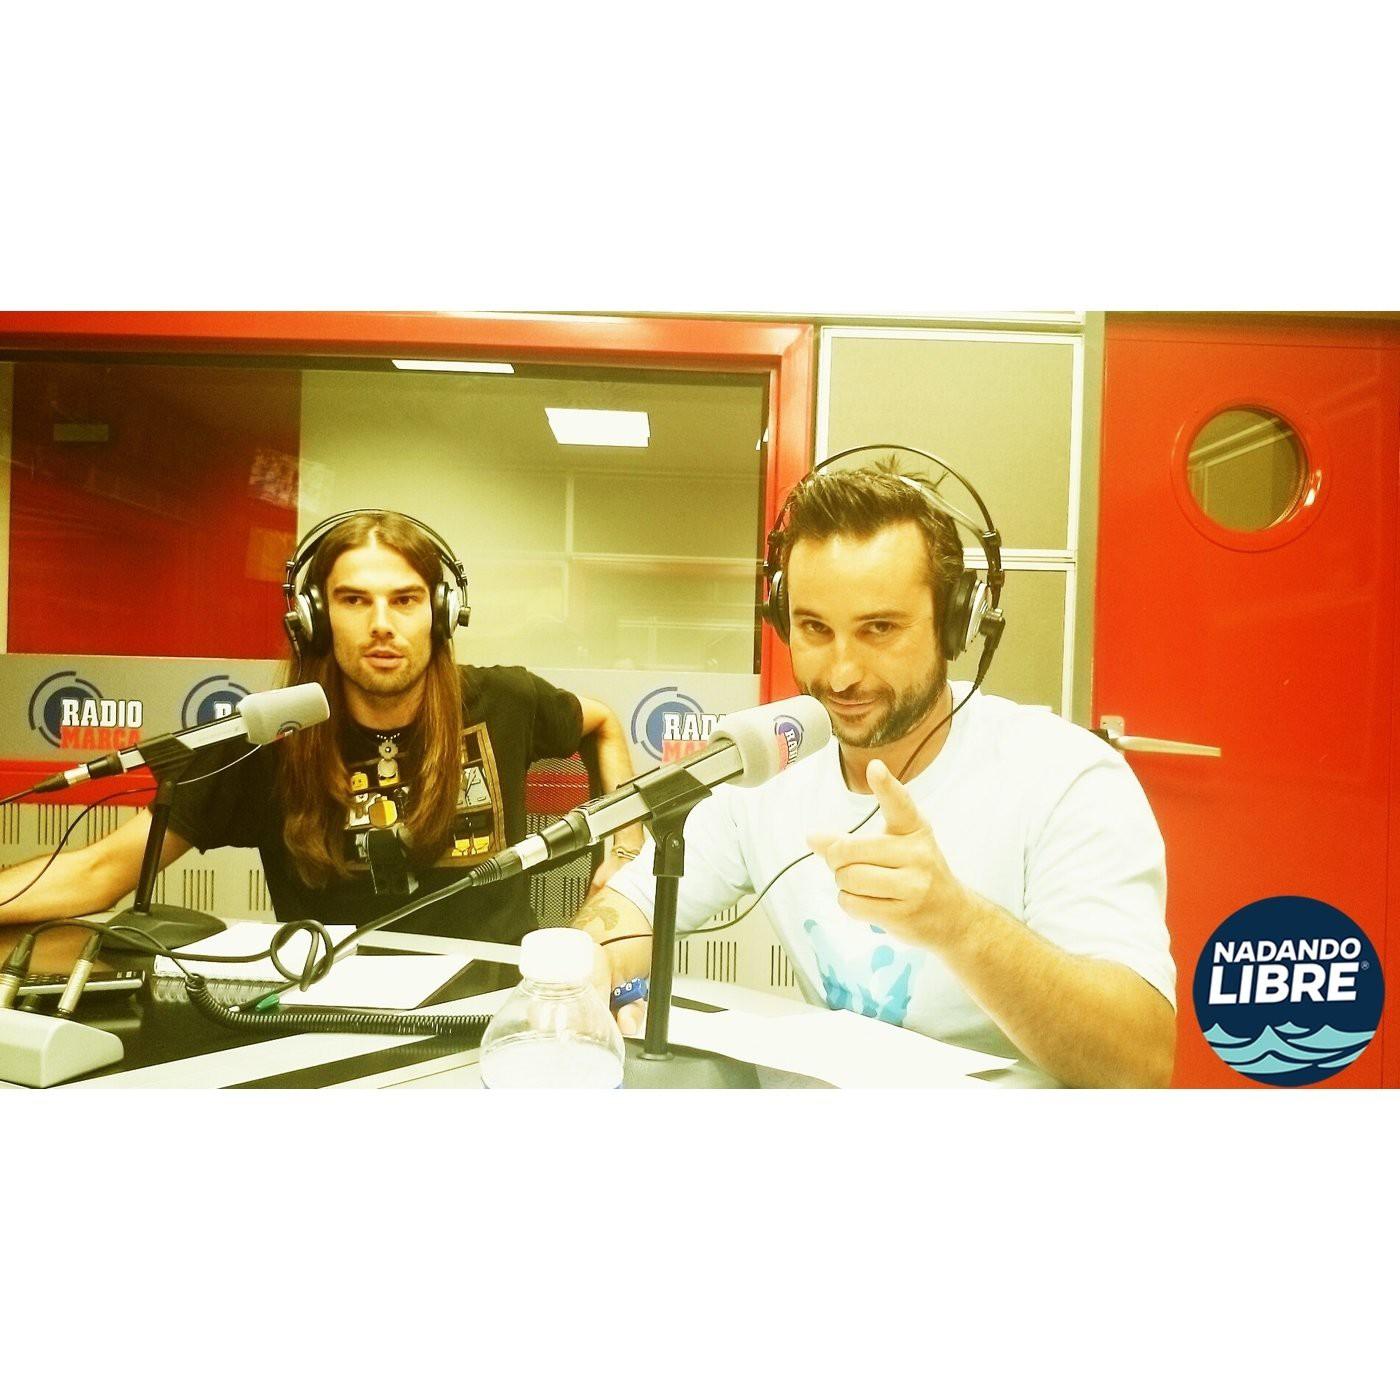 Nadando Libre en radio Marca